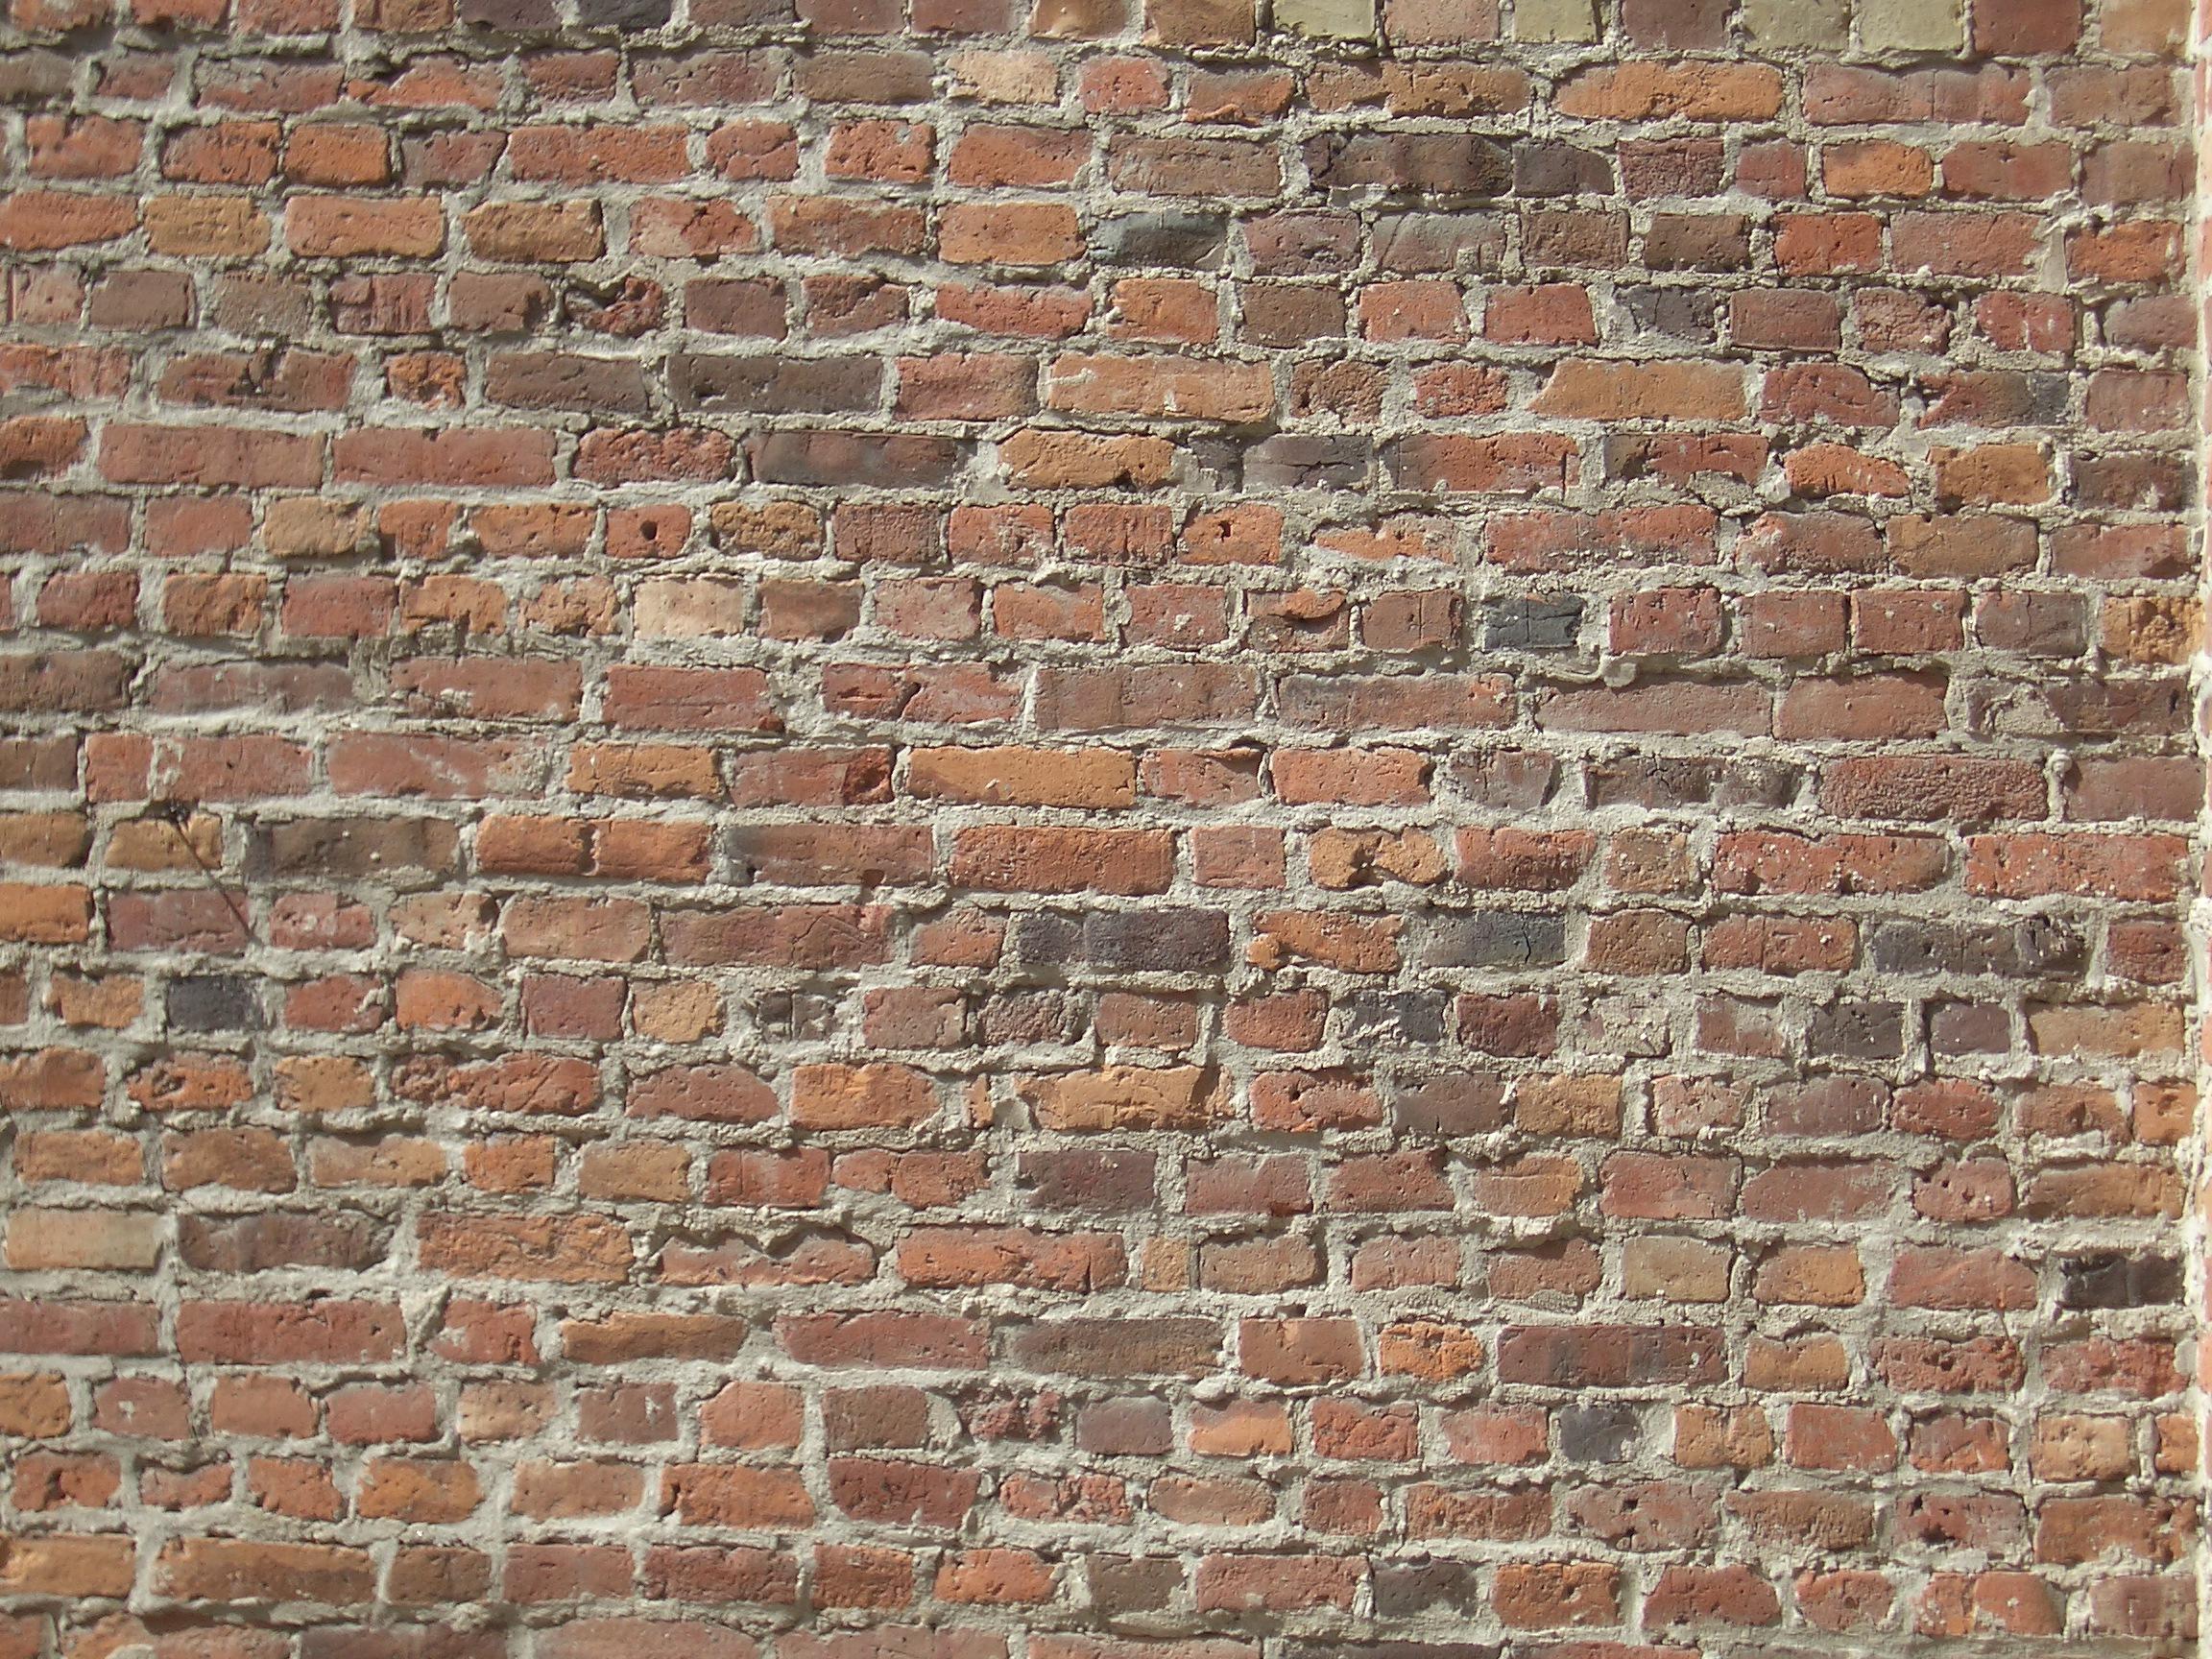 Design Brick Walls old brick wall image 500x375 pixels walldetails